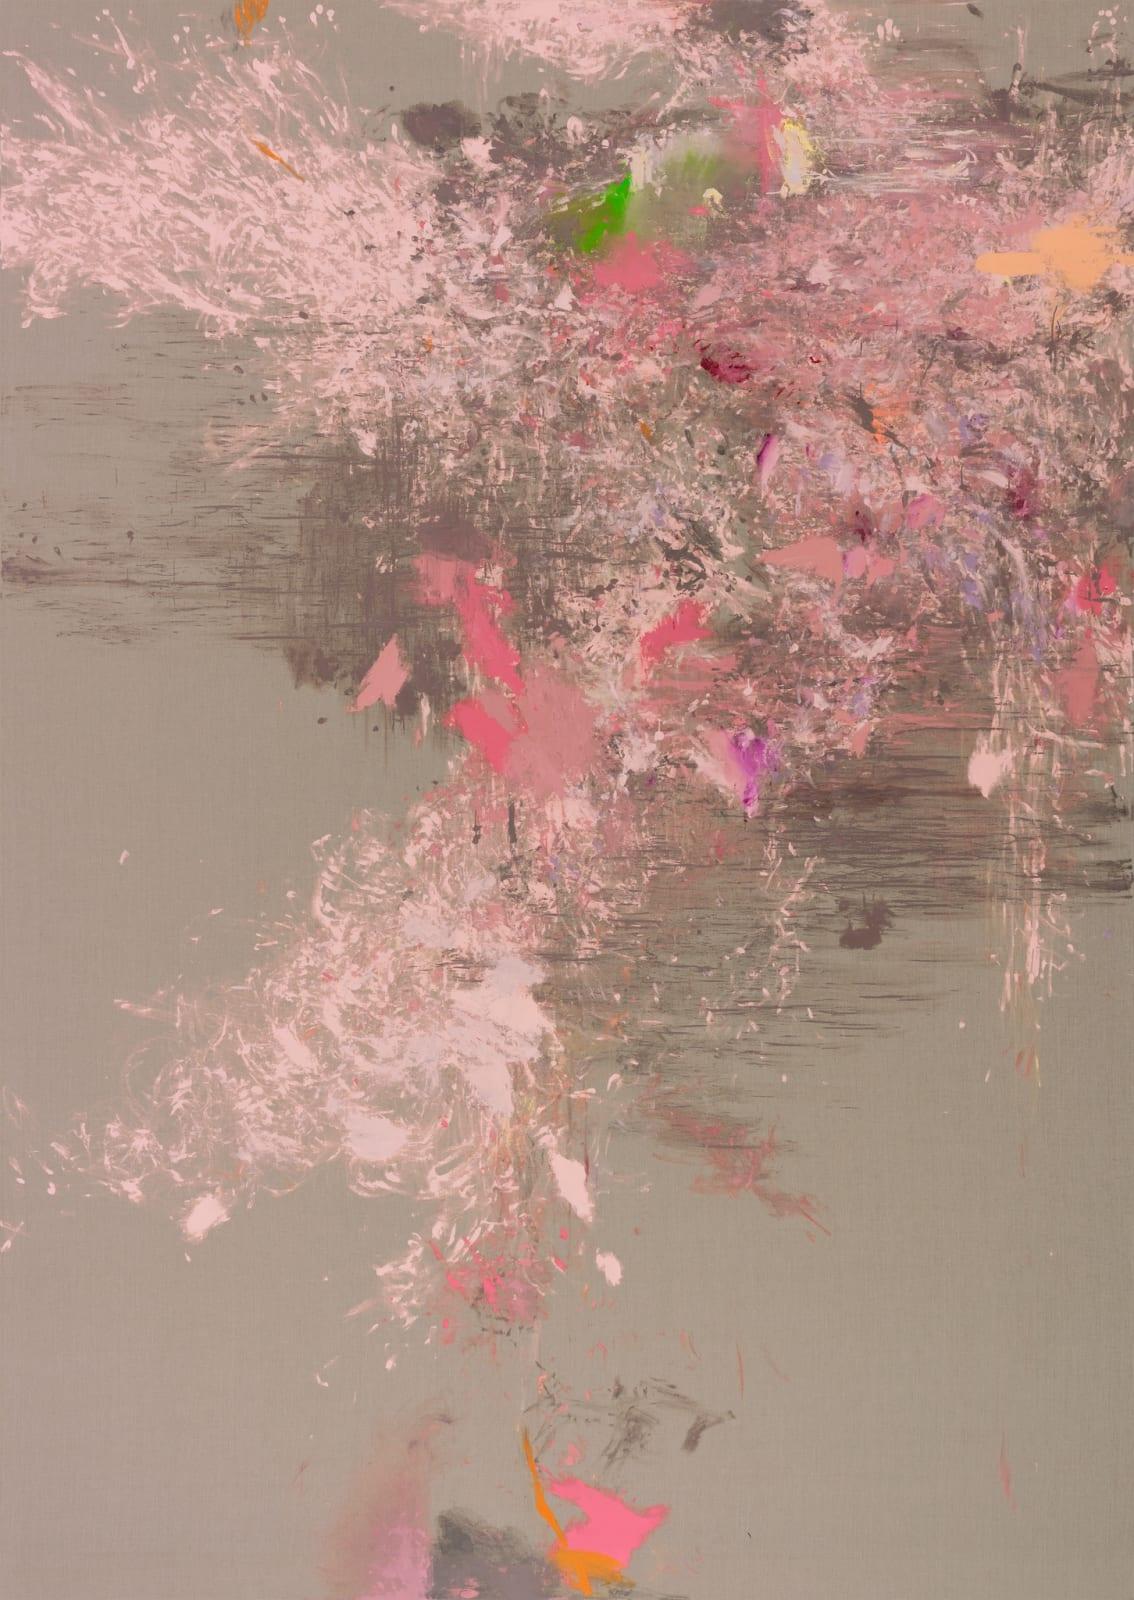 Omus Kathara, (EINE TASSE IM GARTEN VON MONET), 2020 Acrylic and lacquer on Belgian linen 443 x 314 x 4.5 cm | 174 1/2 x 123 2/3 x 1 3/4 in